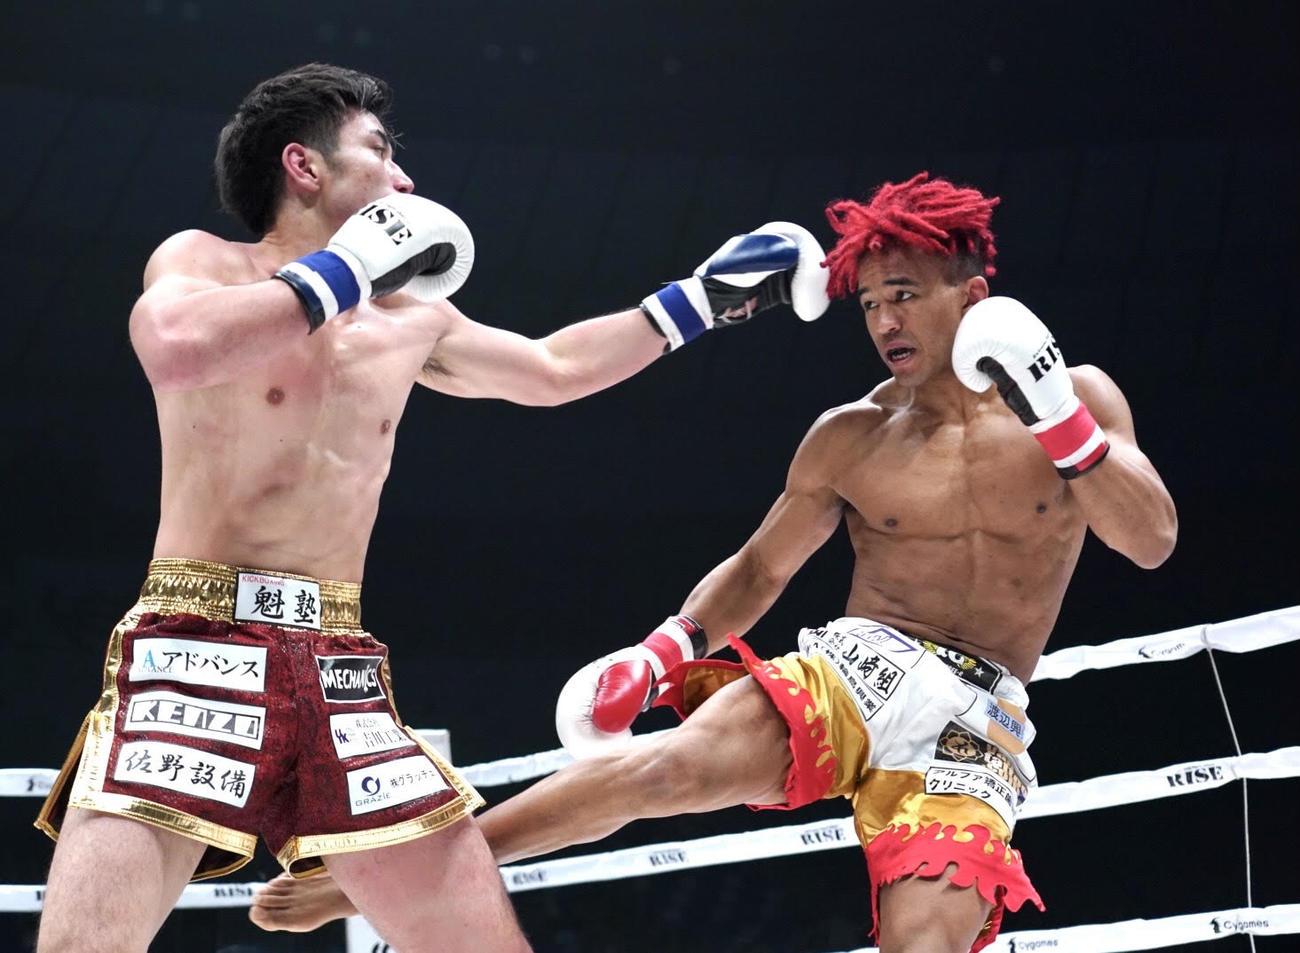 憂也(左)に蹴りを見舞うベイノア